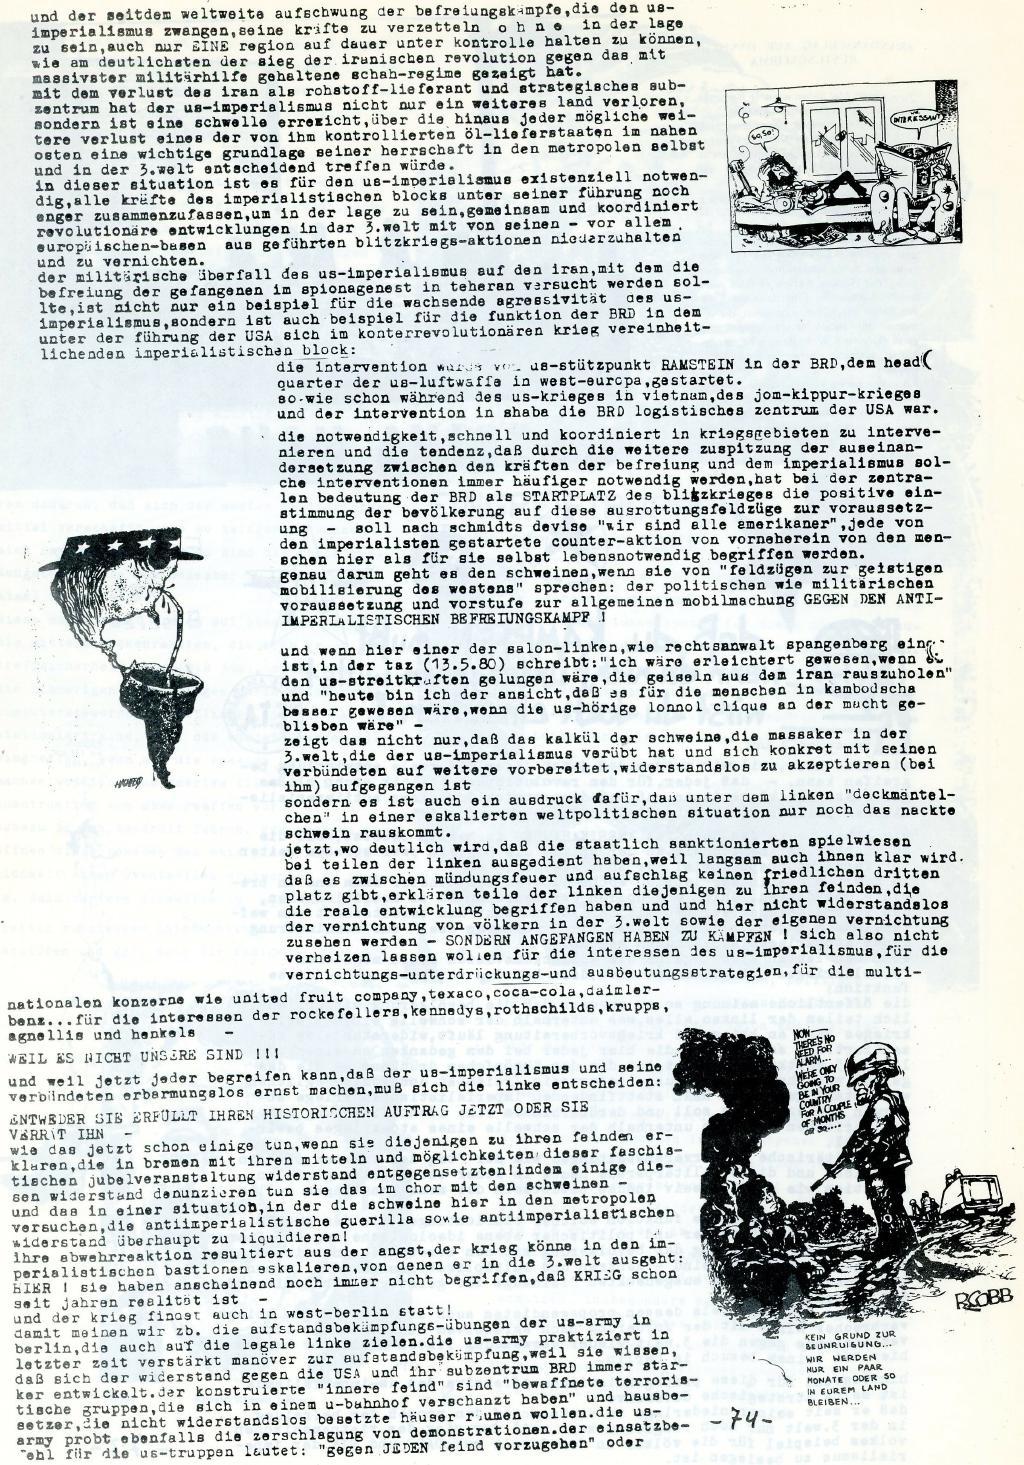 Bremen_1980_NATO_Broschuere_74